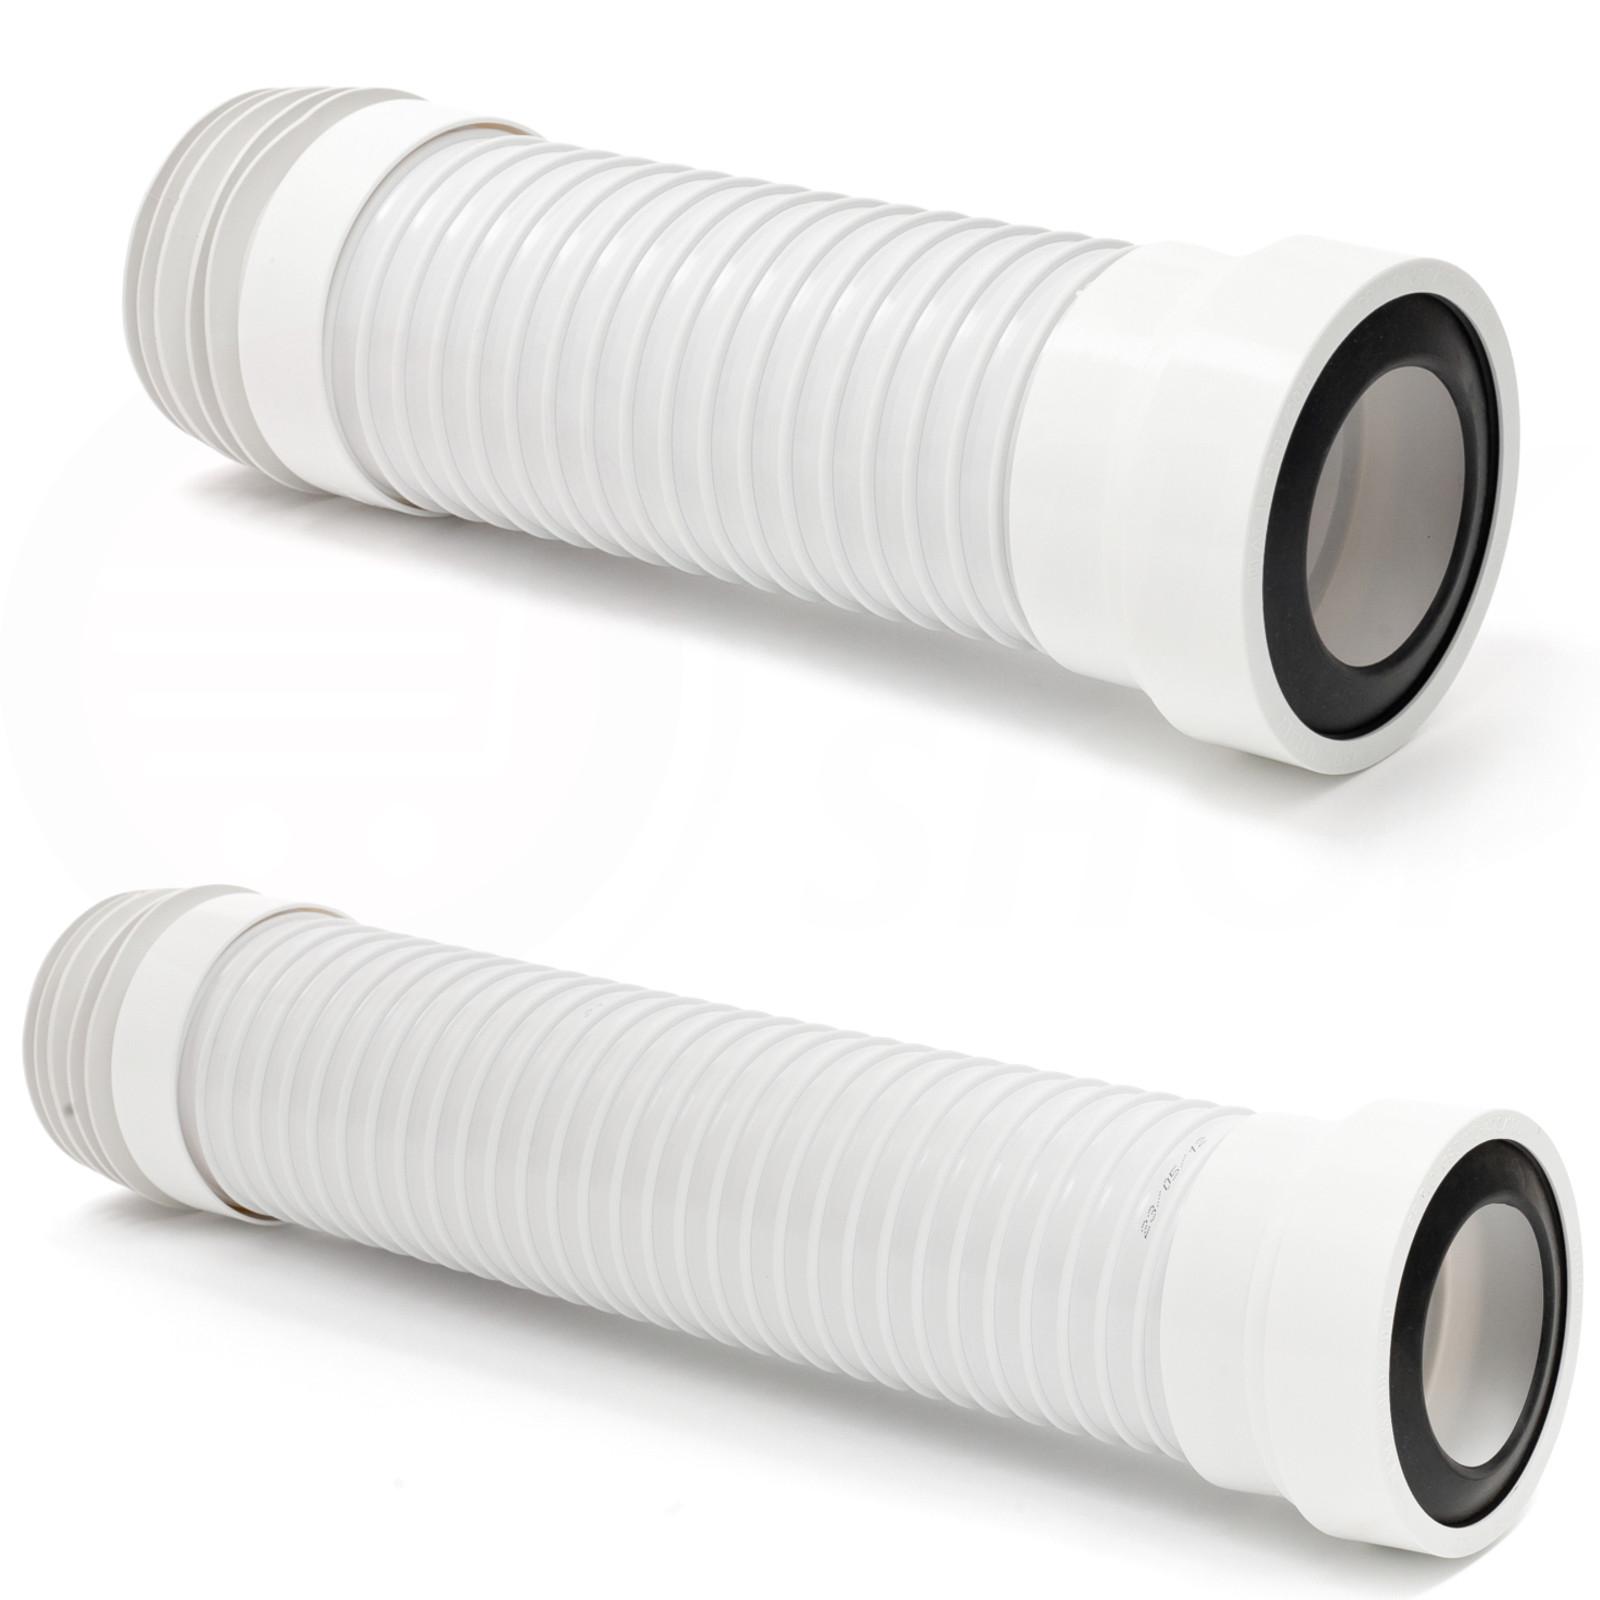 Spülkasten Anschluss Flexibel : toilettenrohr toilettenanschluss 9 90 ~ Watch28wear.com Haus und Dekorationen